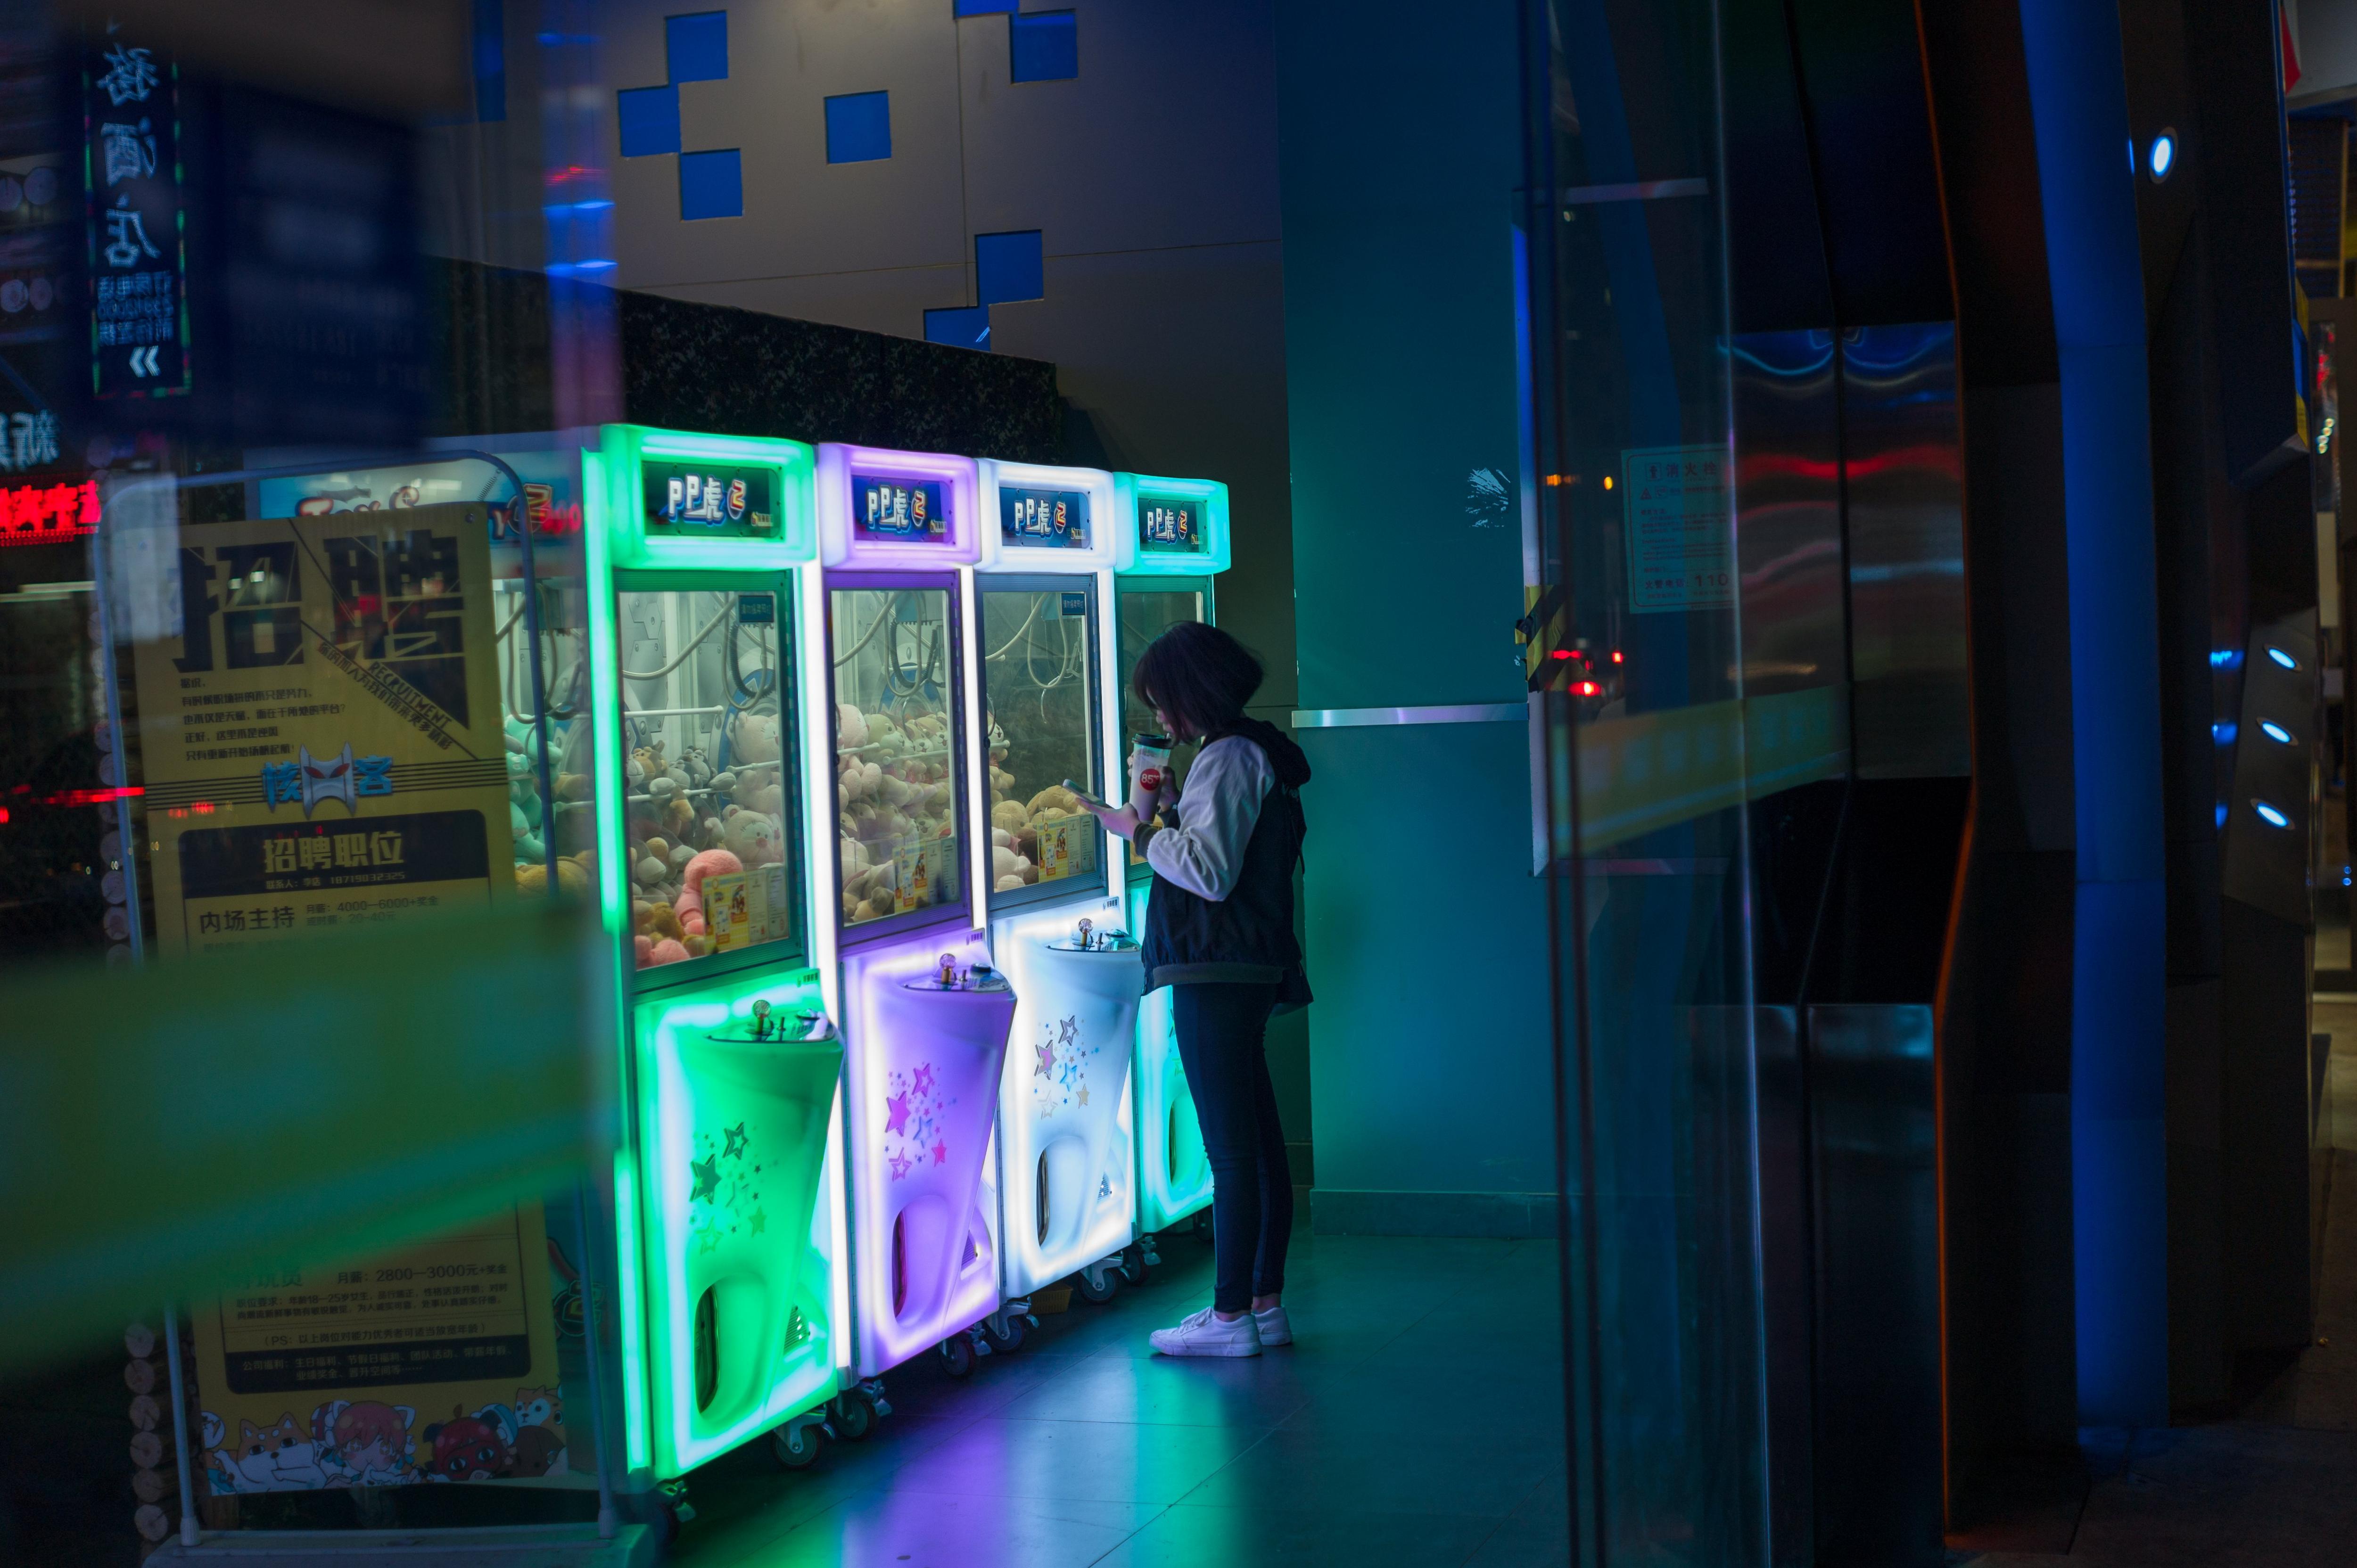 Una dona mira un joc Arcade a Shenzhen, província de Guangdong (Xina). /STR